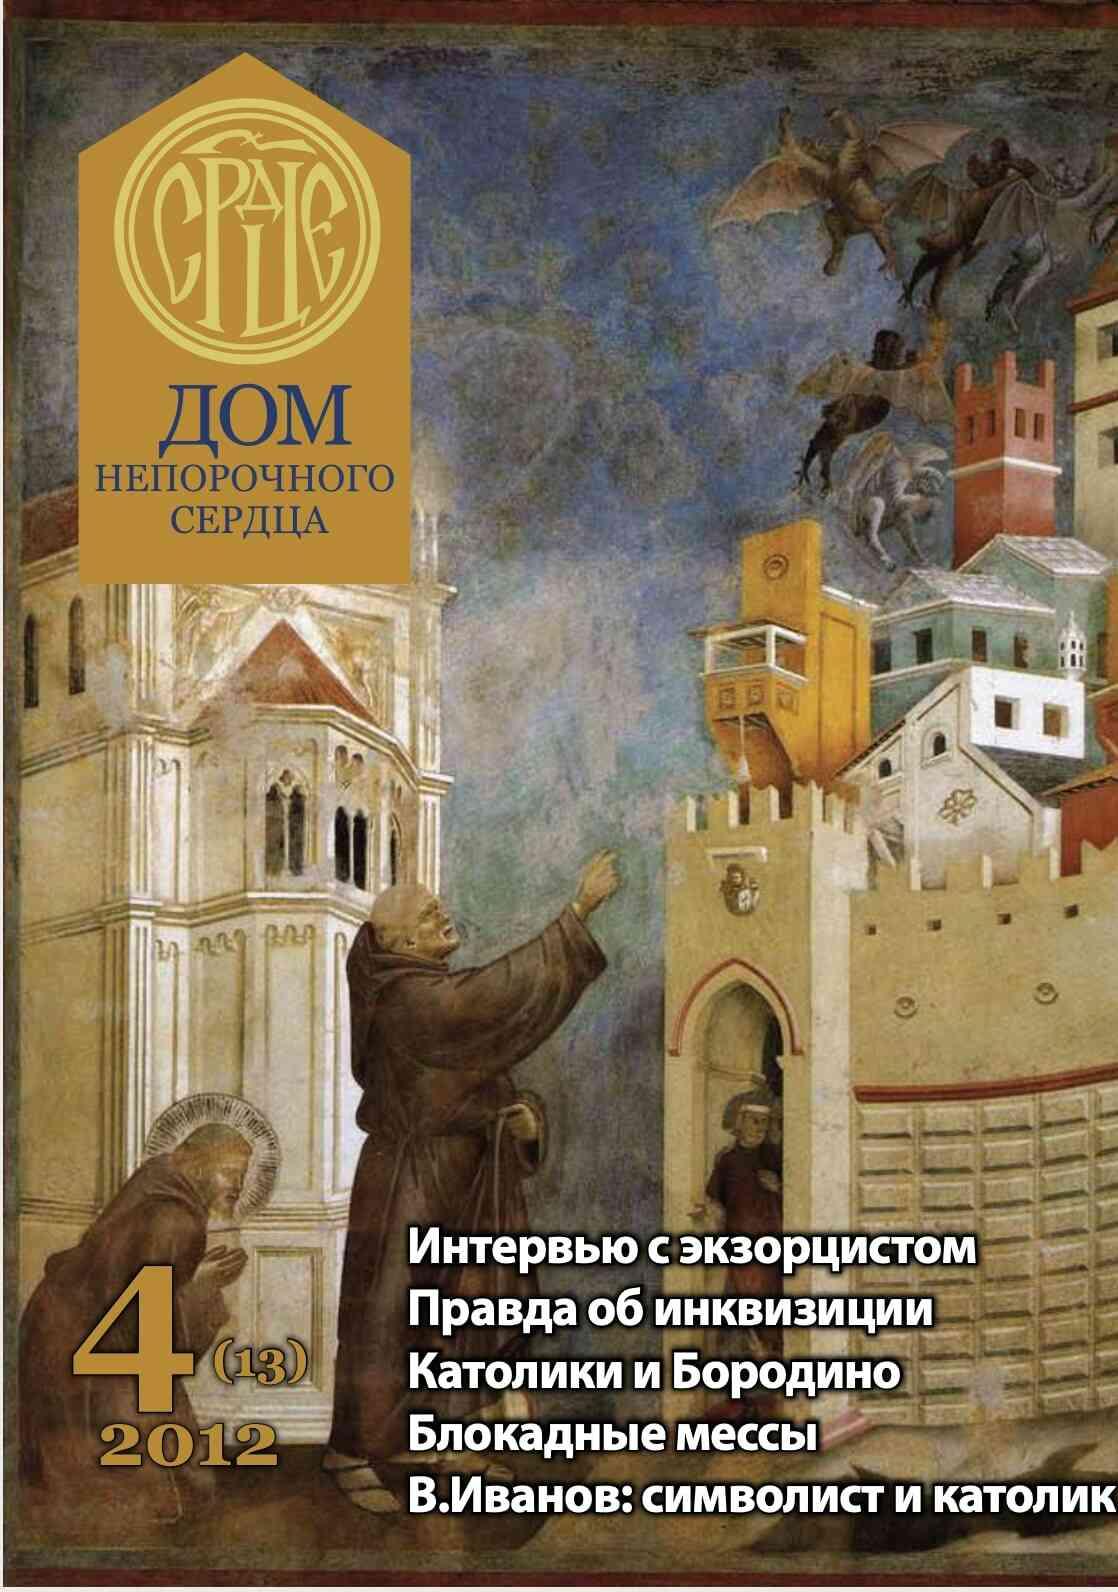 Журнал «Дом Непорочного Сердца» № 4 (13) 2012 год